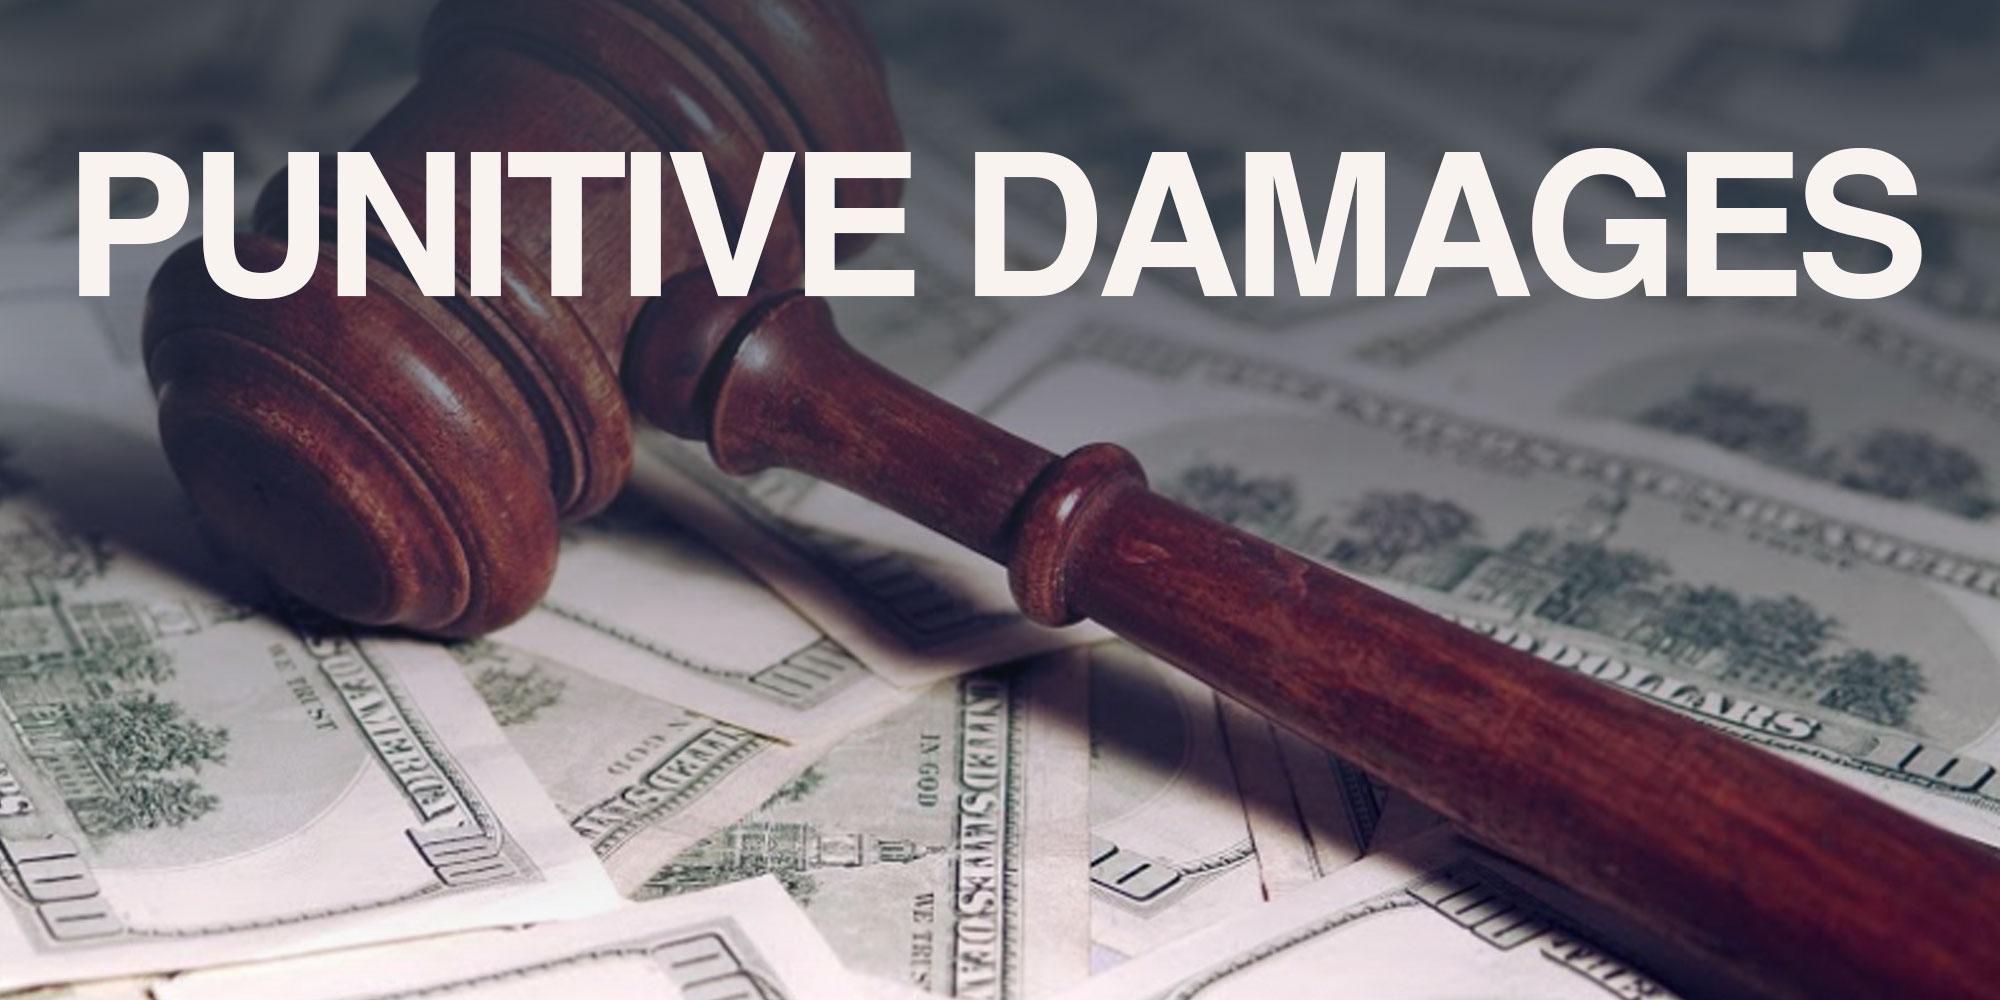 Am I entitled to punitive damages